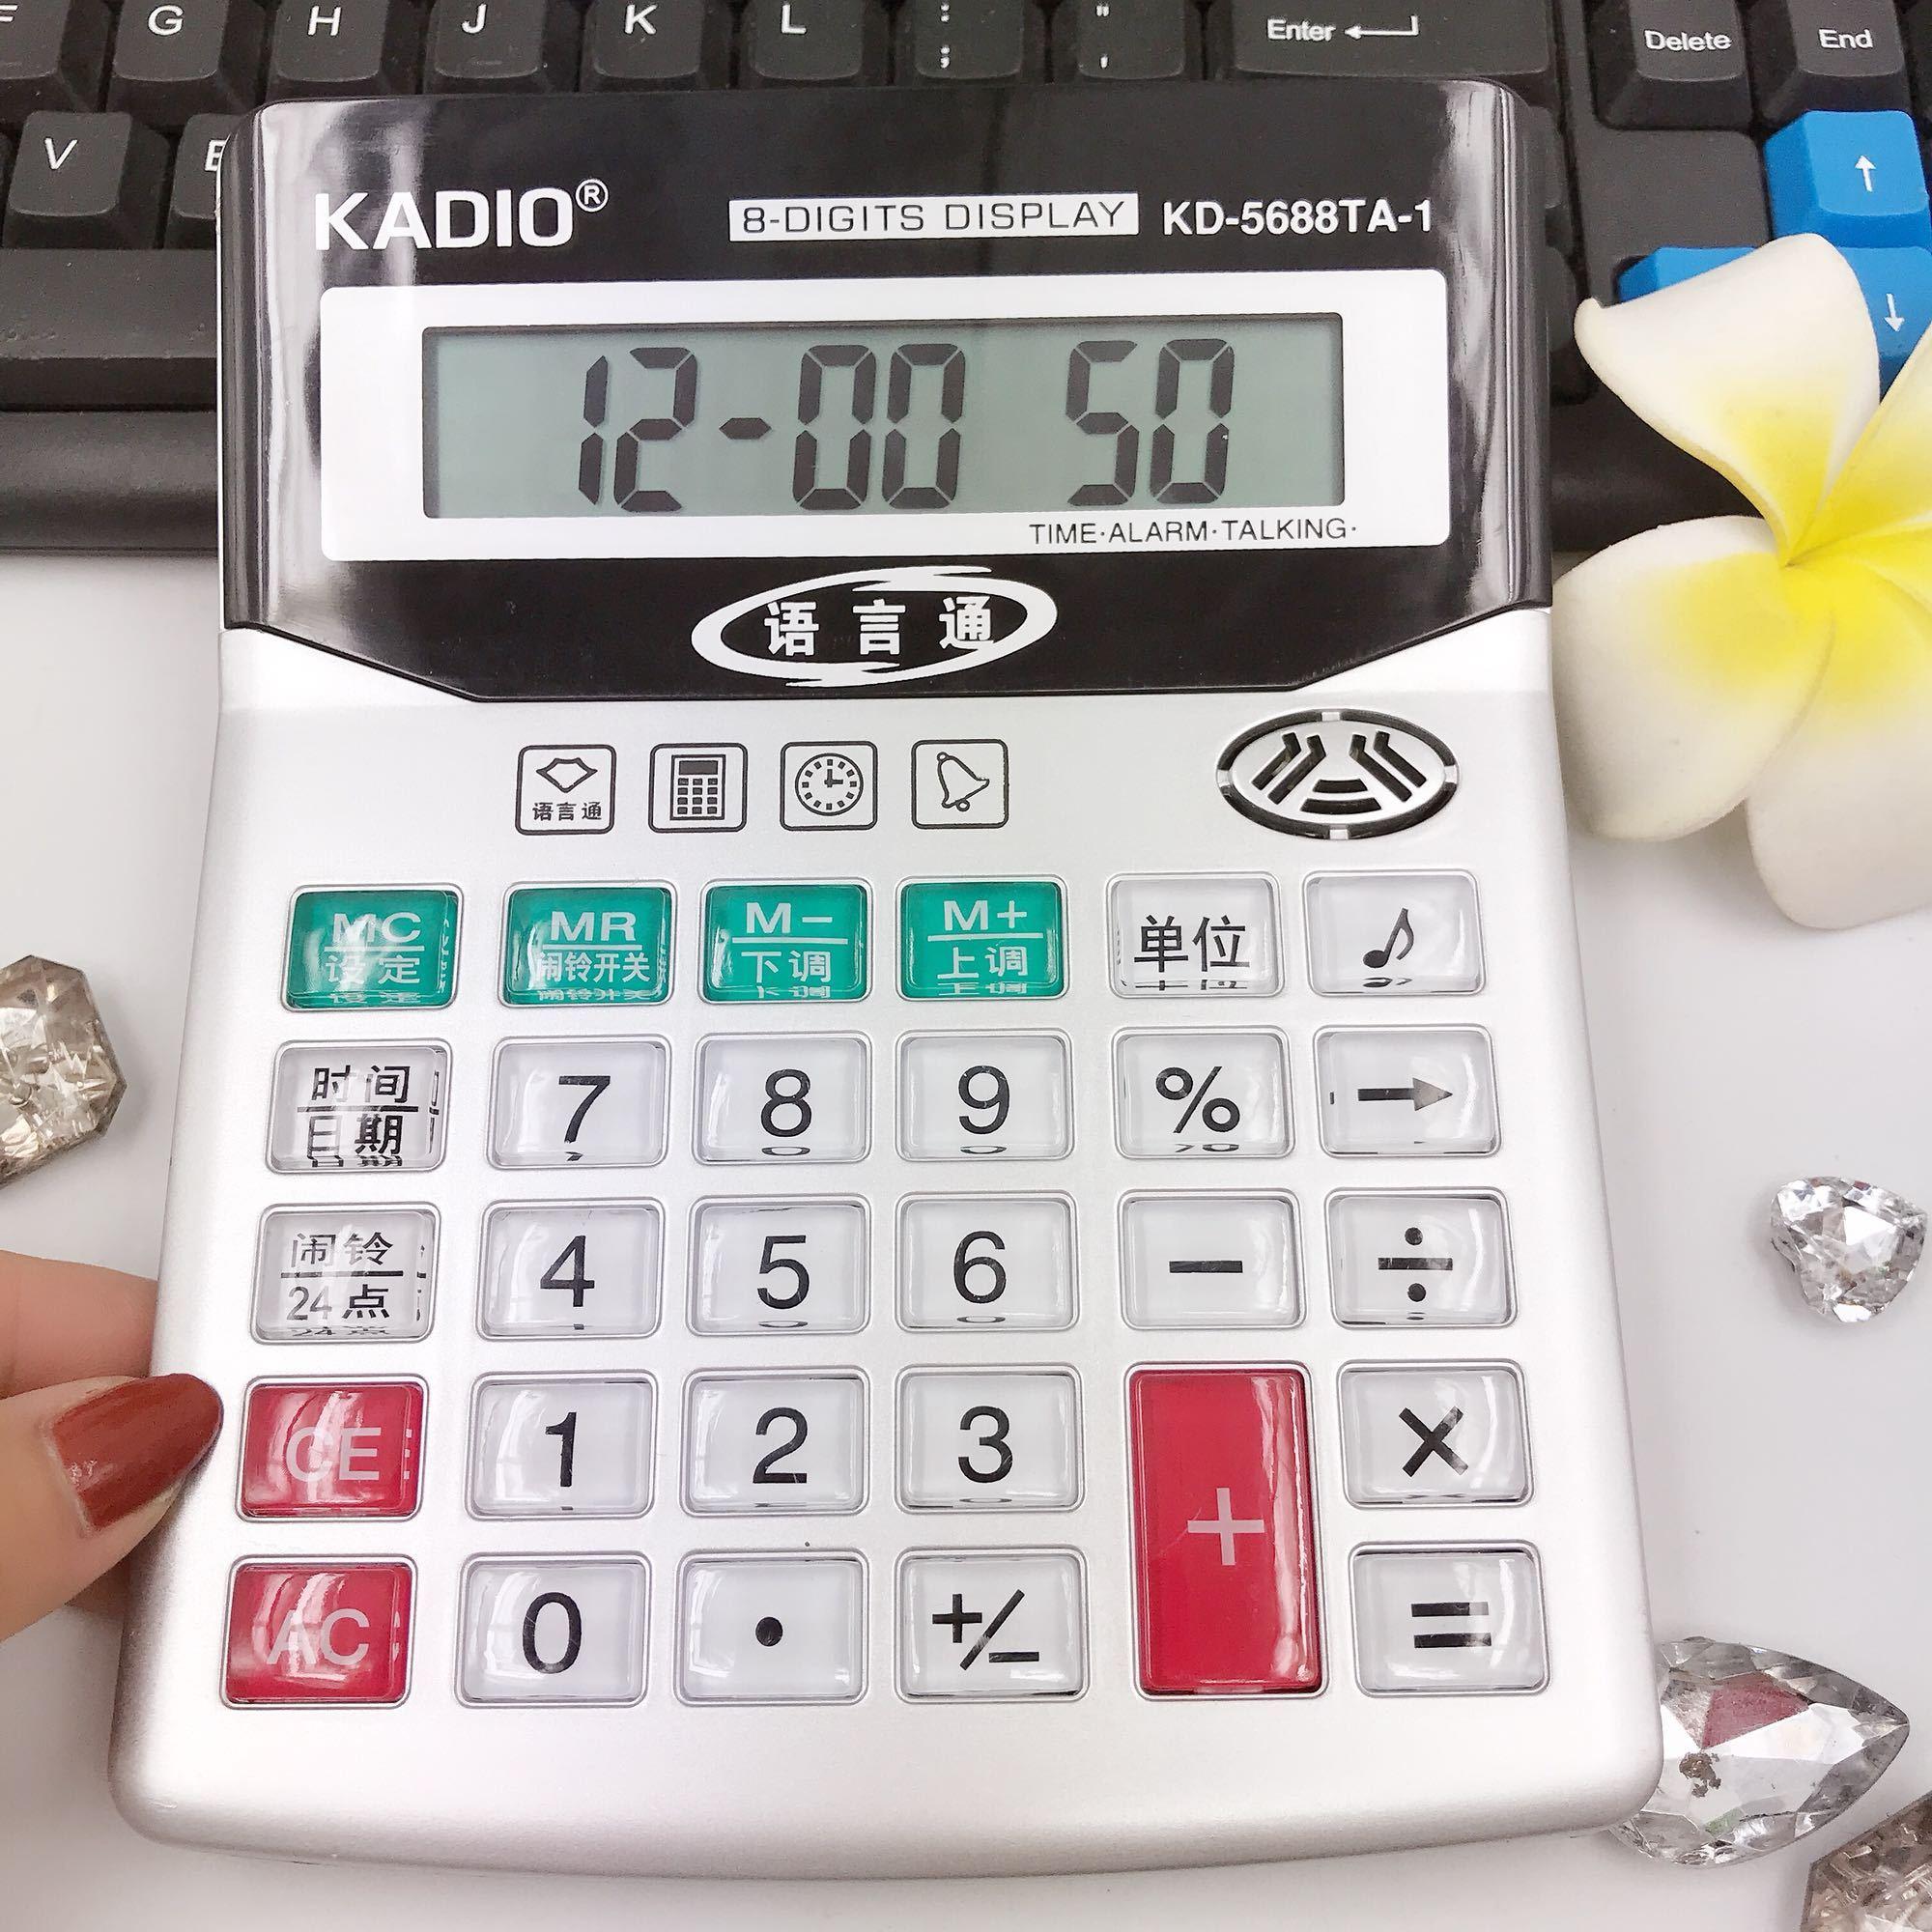 正品大号真人发音语音计算器水晶按键财务专用办公商务大型计算机